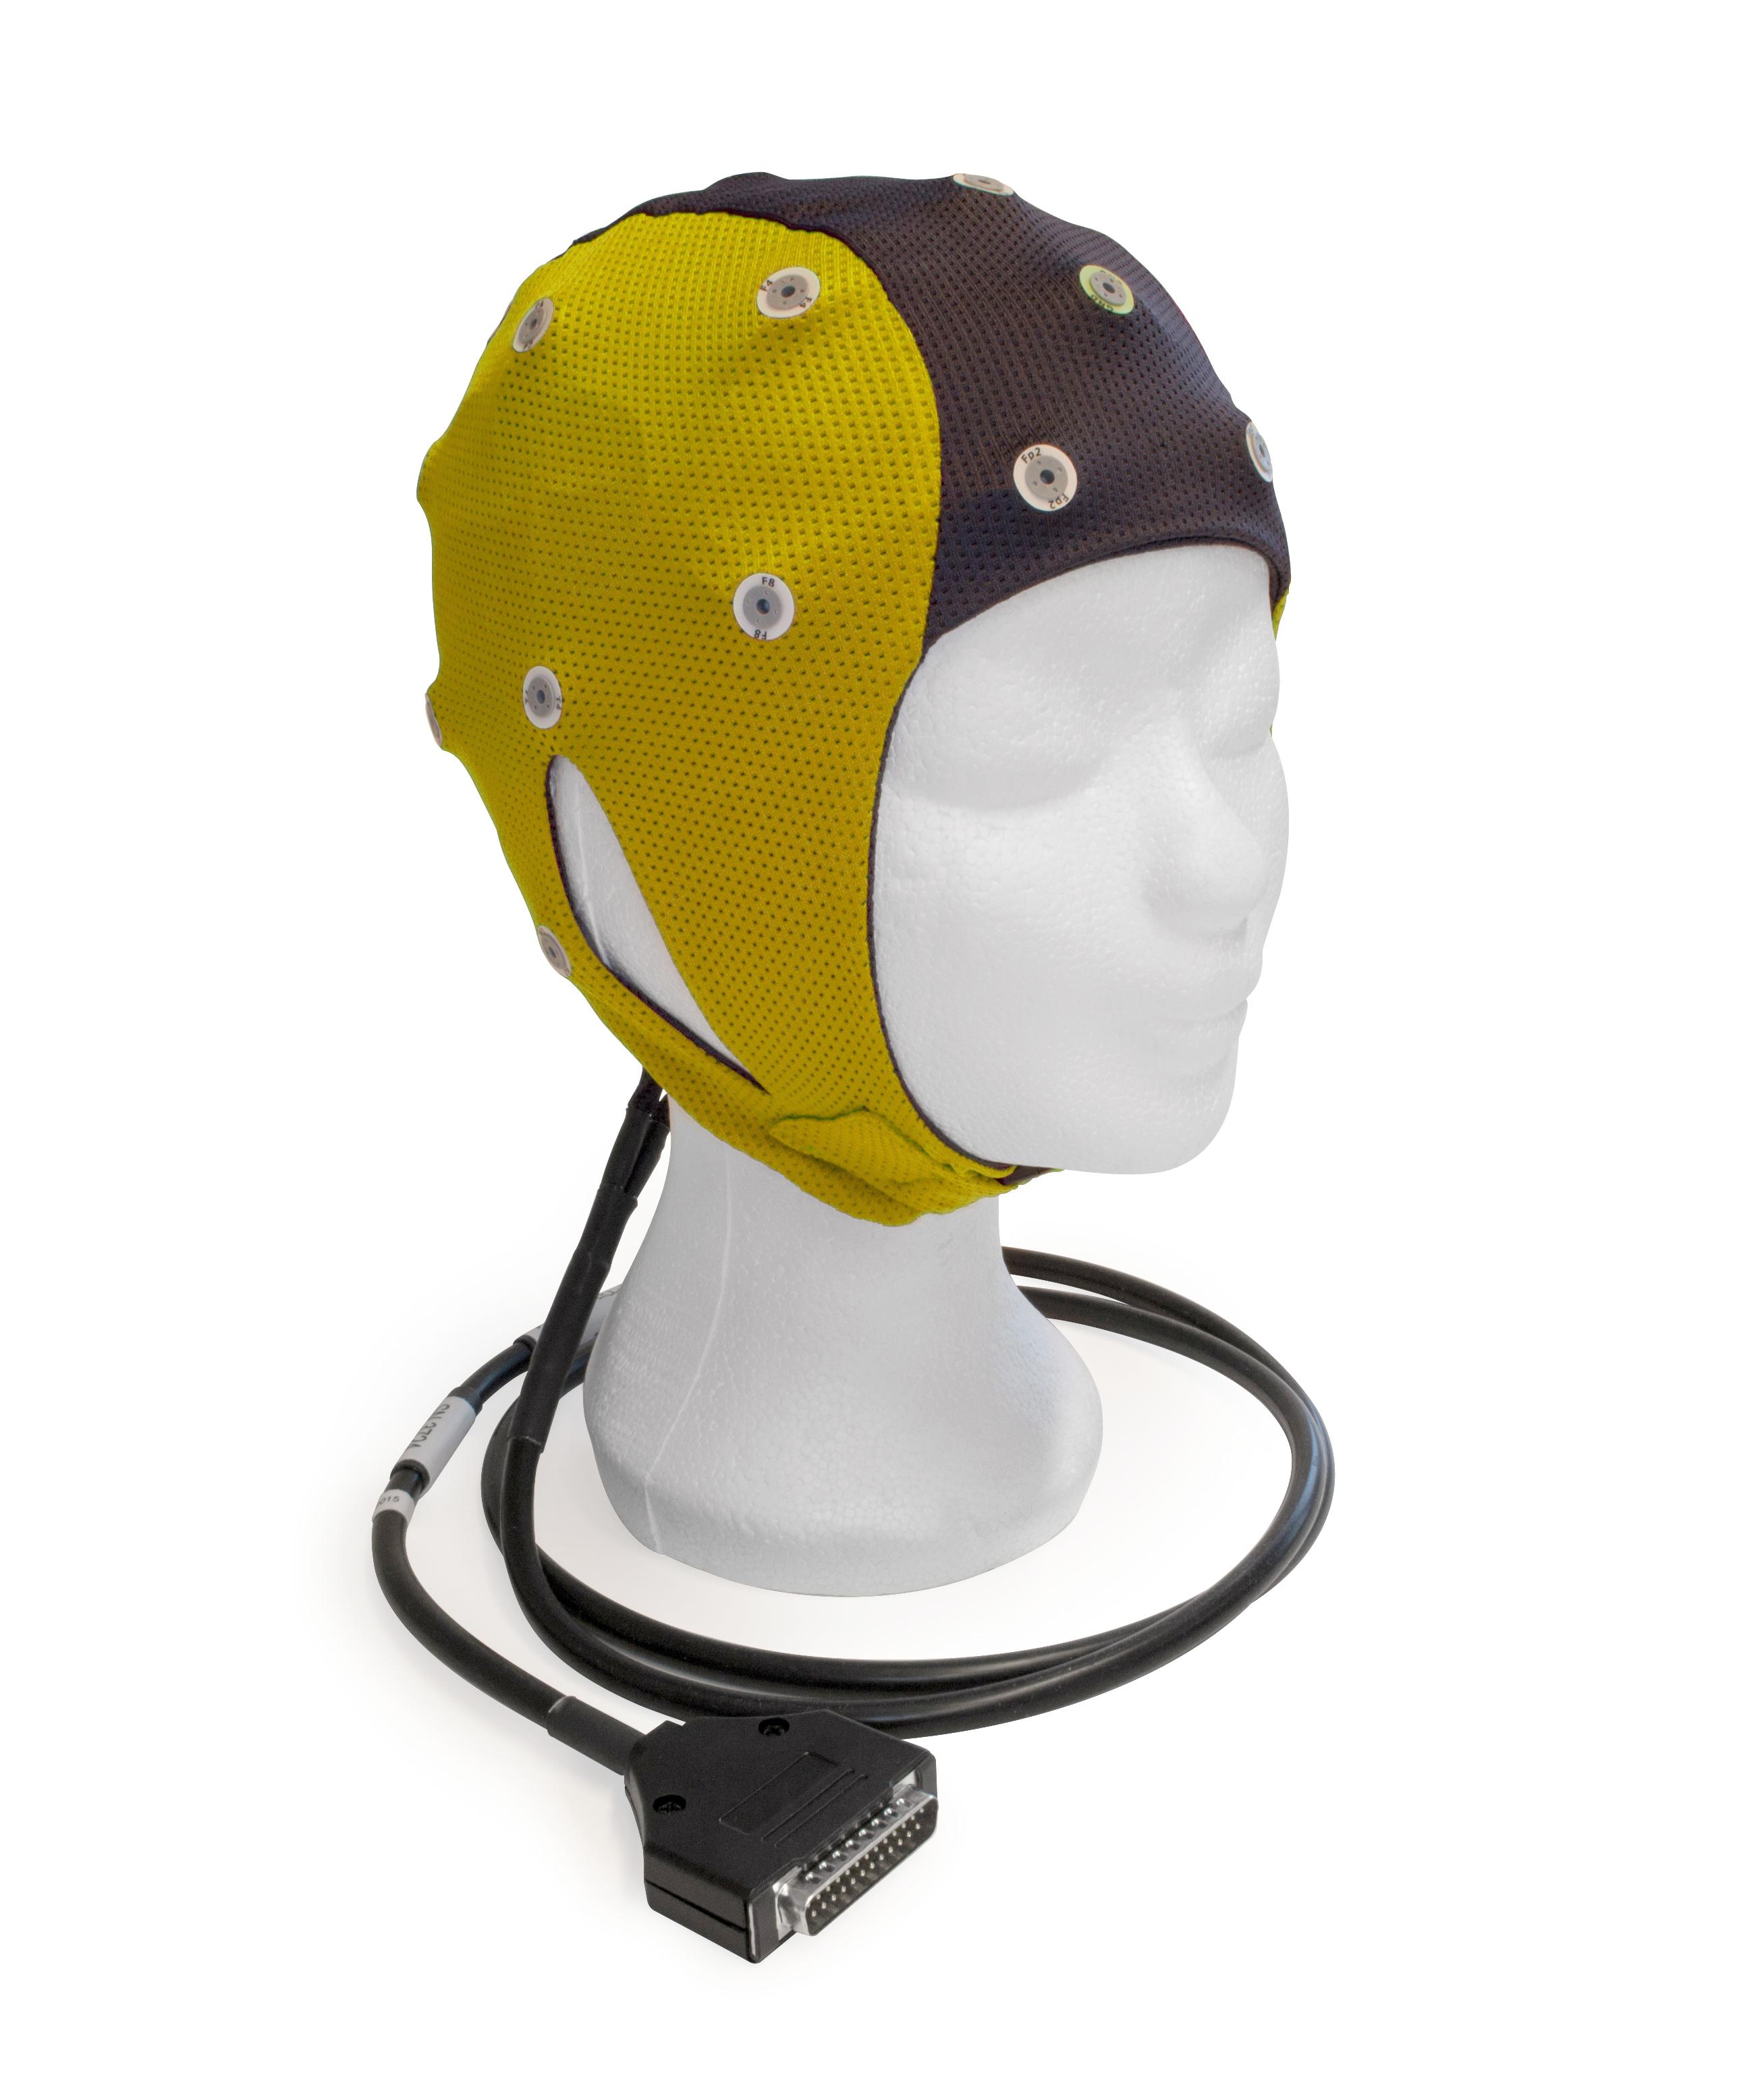 EEG čepice ANT-Neuro waveguard™ connect: S (47 – 51 cm, Žlutočerná)